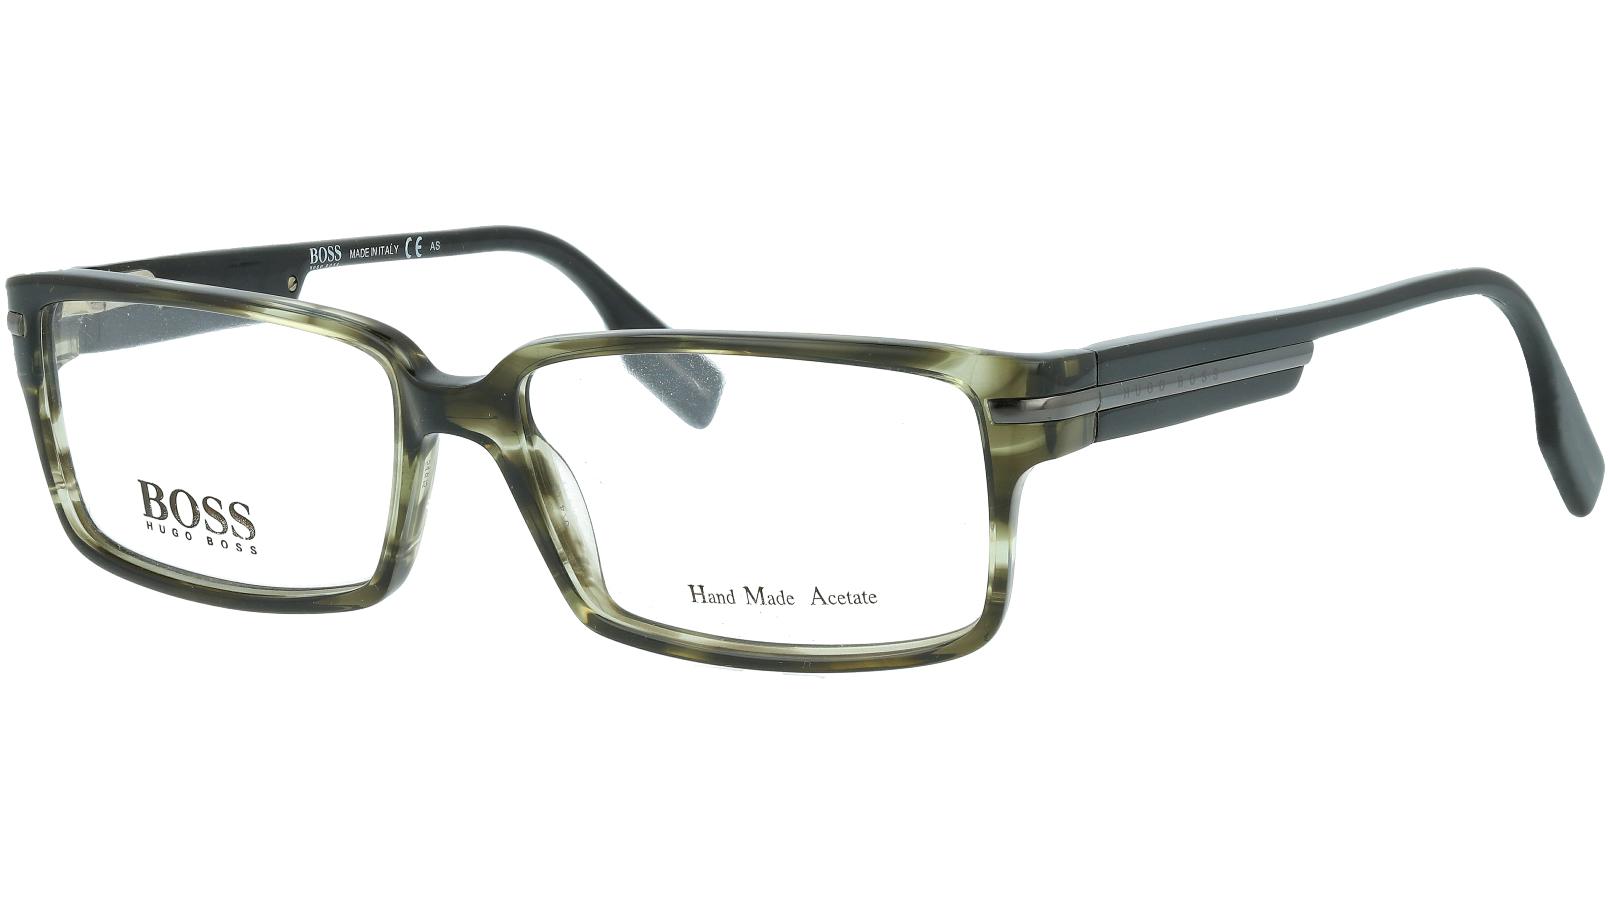 HUGO BOSS BOSS0297 IZ6 52 HAVANA Eye Glasses